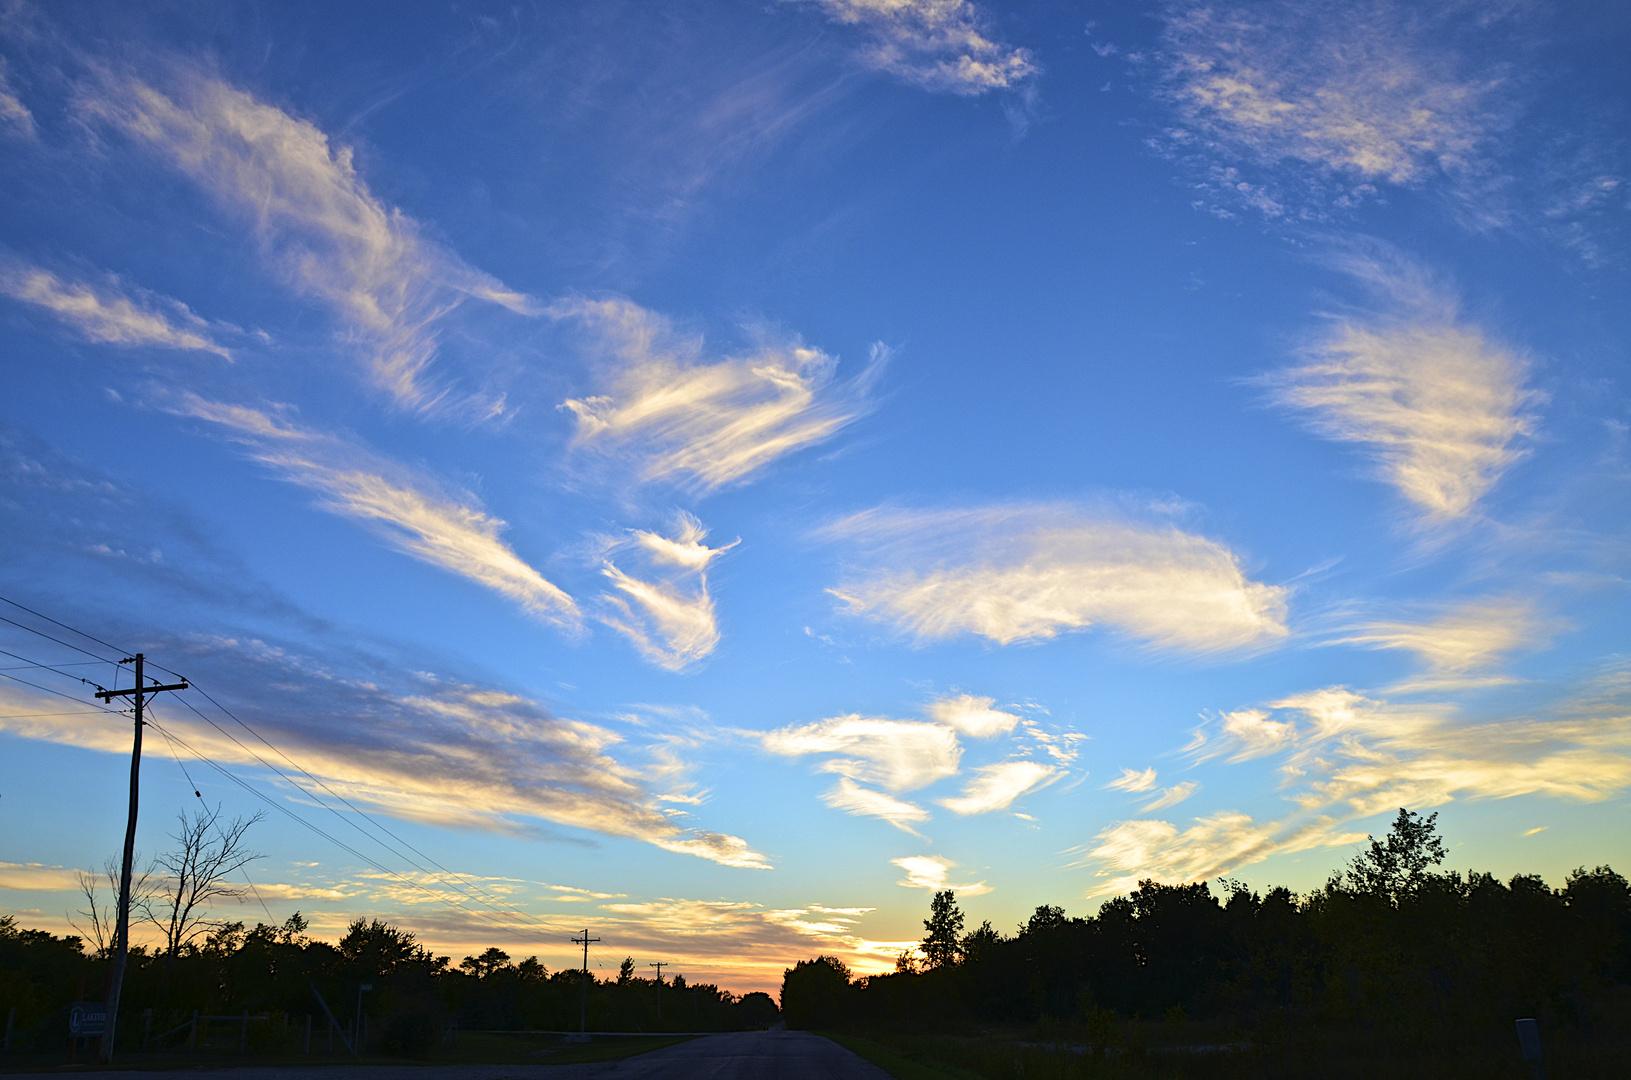 Der Himmel über Manitoba